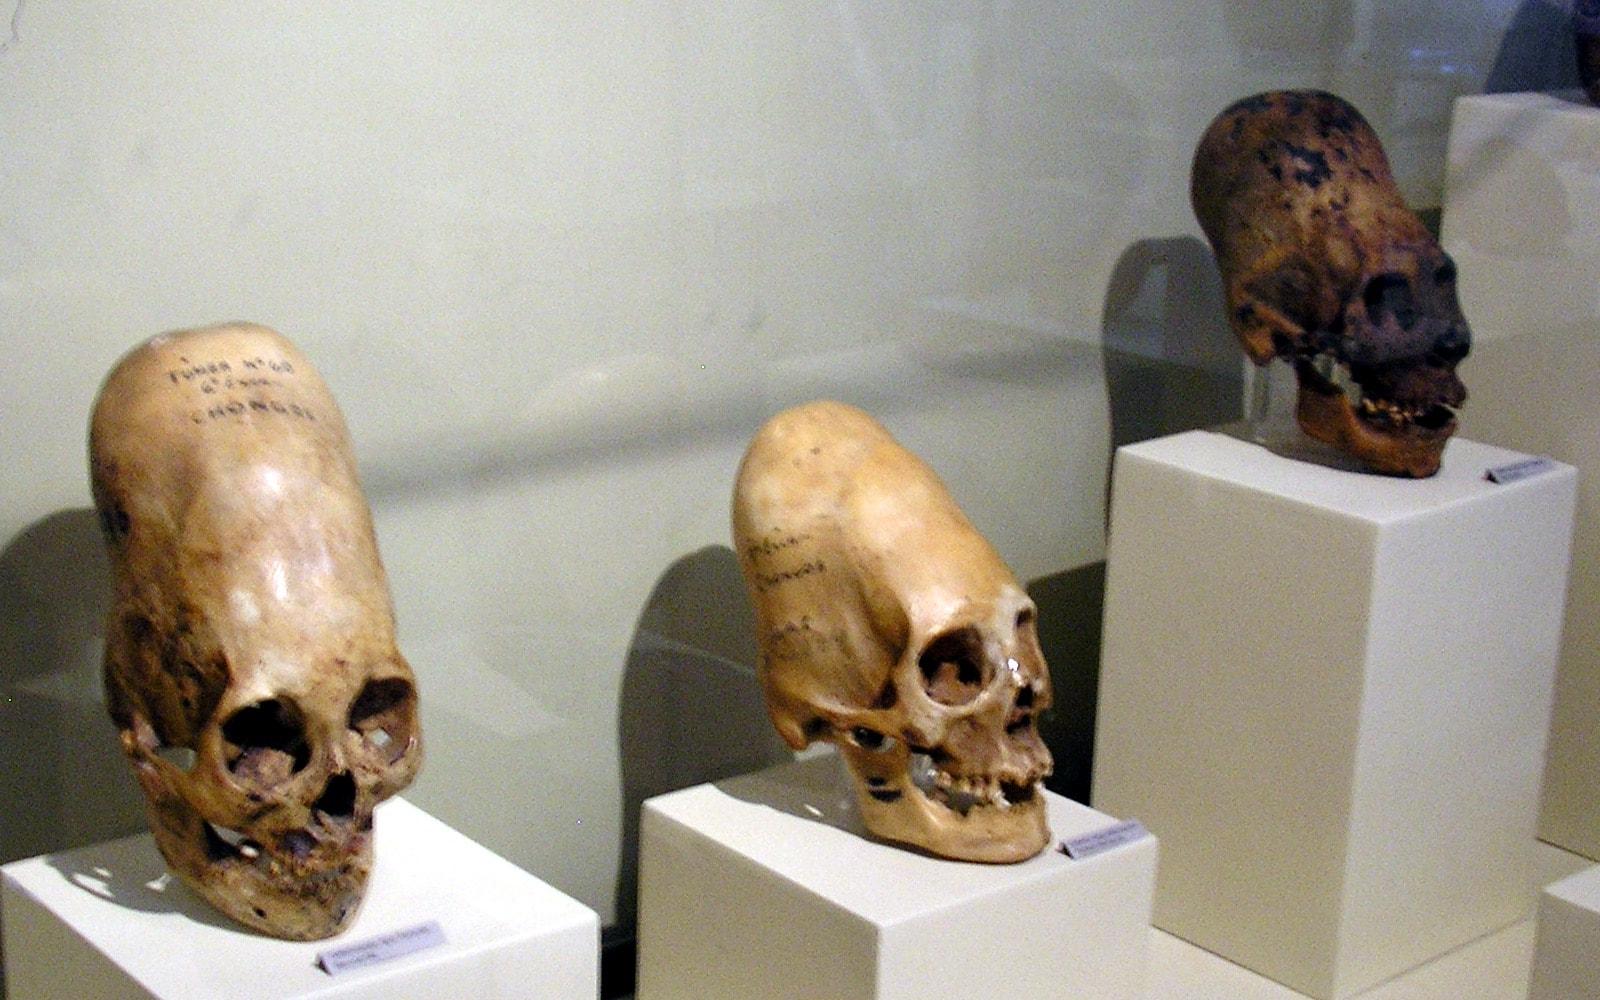 Risultati immagini per i crani allungati